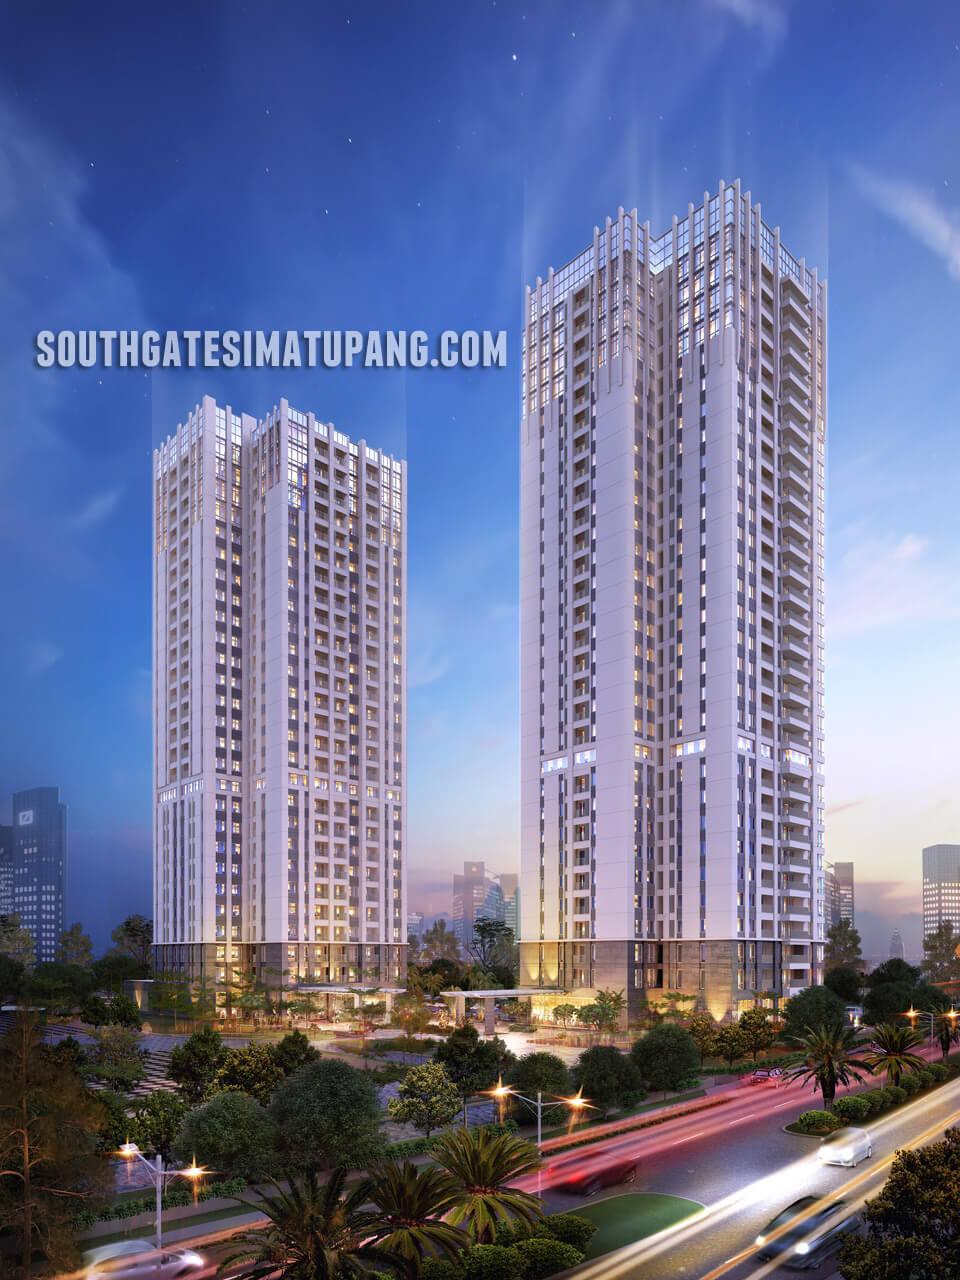 Southgate Tanjung Barat Jakarta